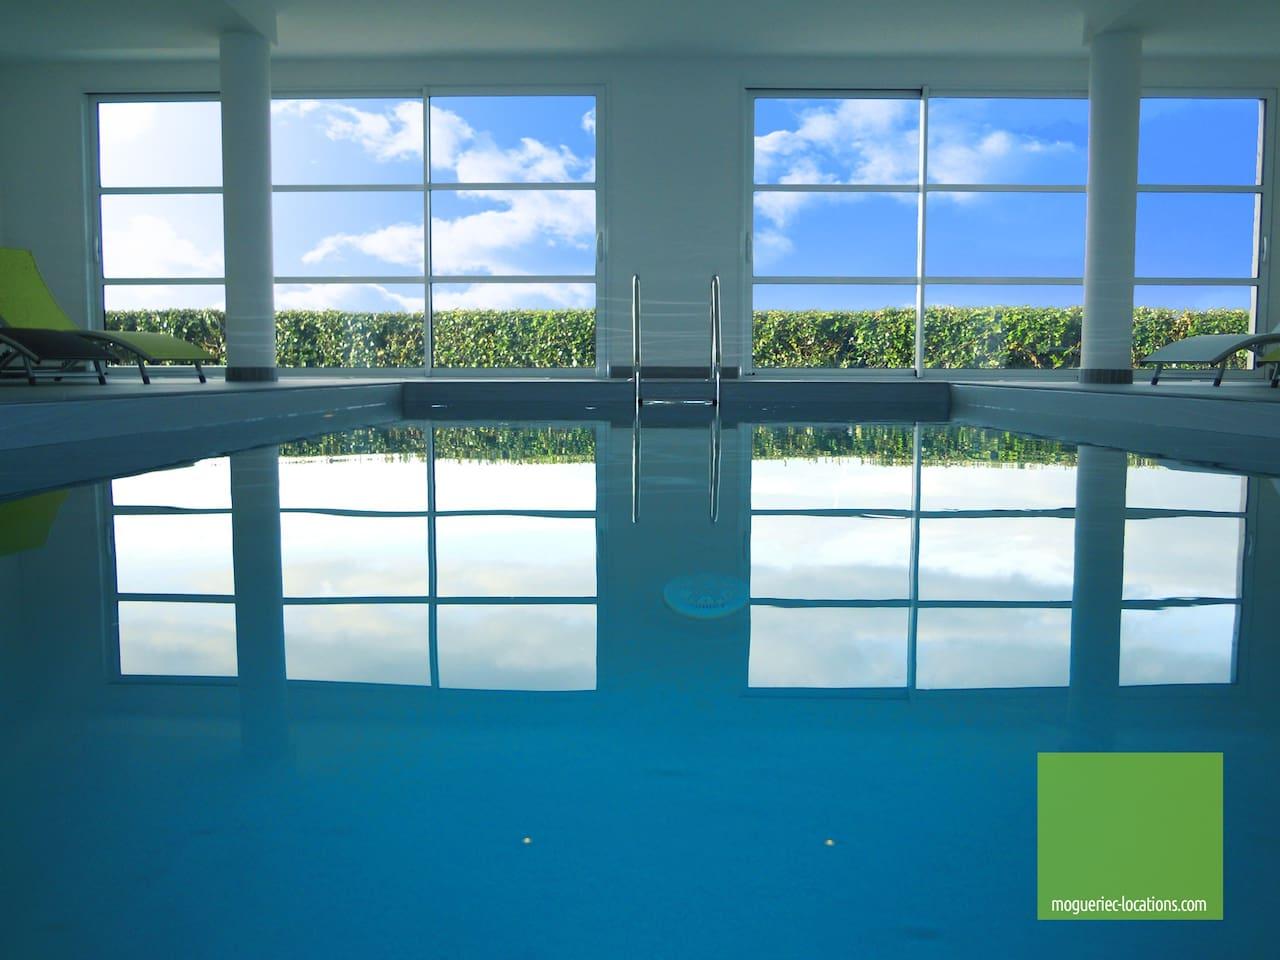 """Piscine Intérieure chauffée à 28 degrés toute l'année. elle mesure 7 m *3.50 m. La pièce piscine fait 60 m2 et est chauffée toute l'année. Accès direct sur l""""extérieur."""